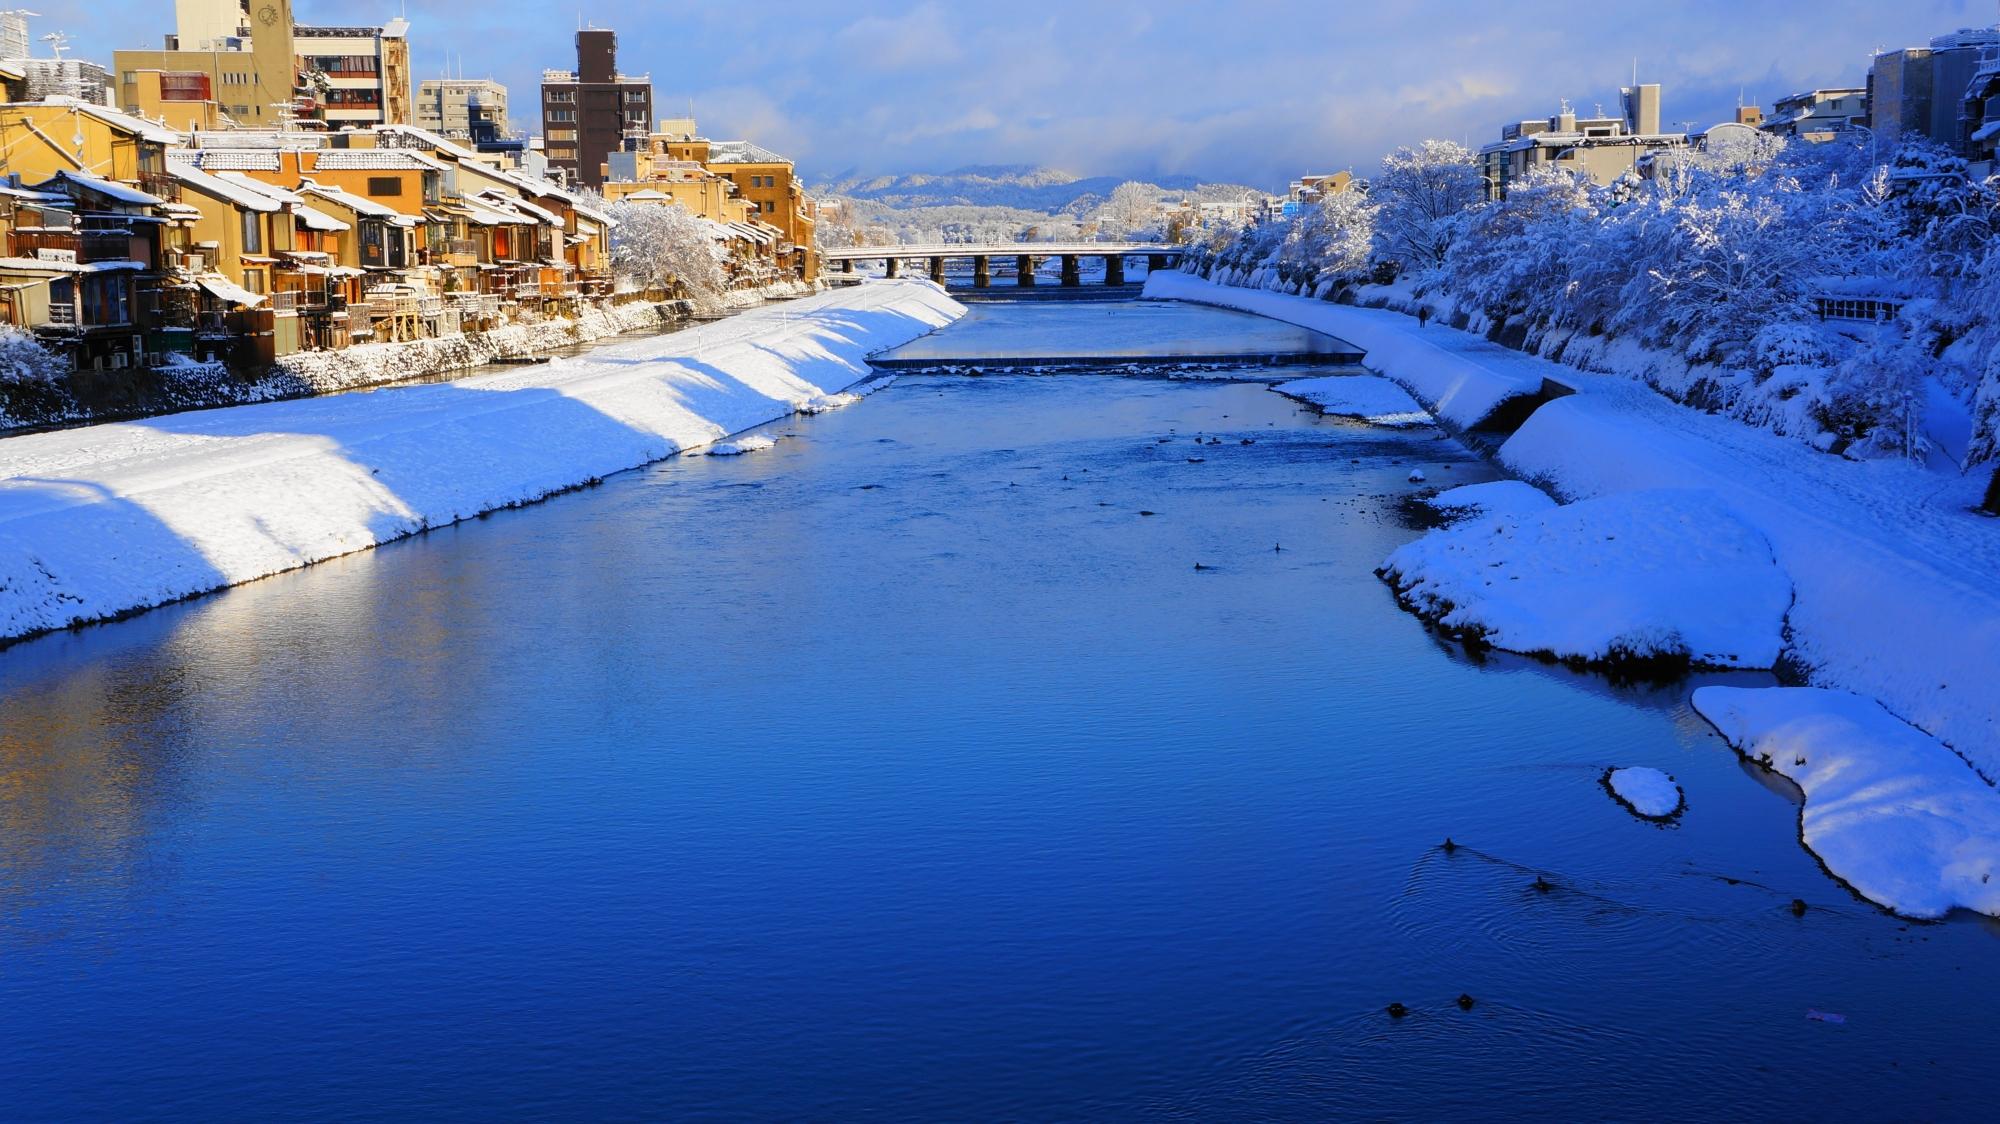 四条大橋から眺めた三条大橋方面の鴨川の雪景色